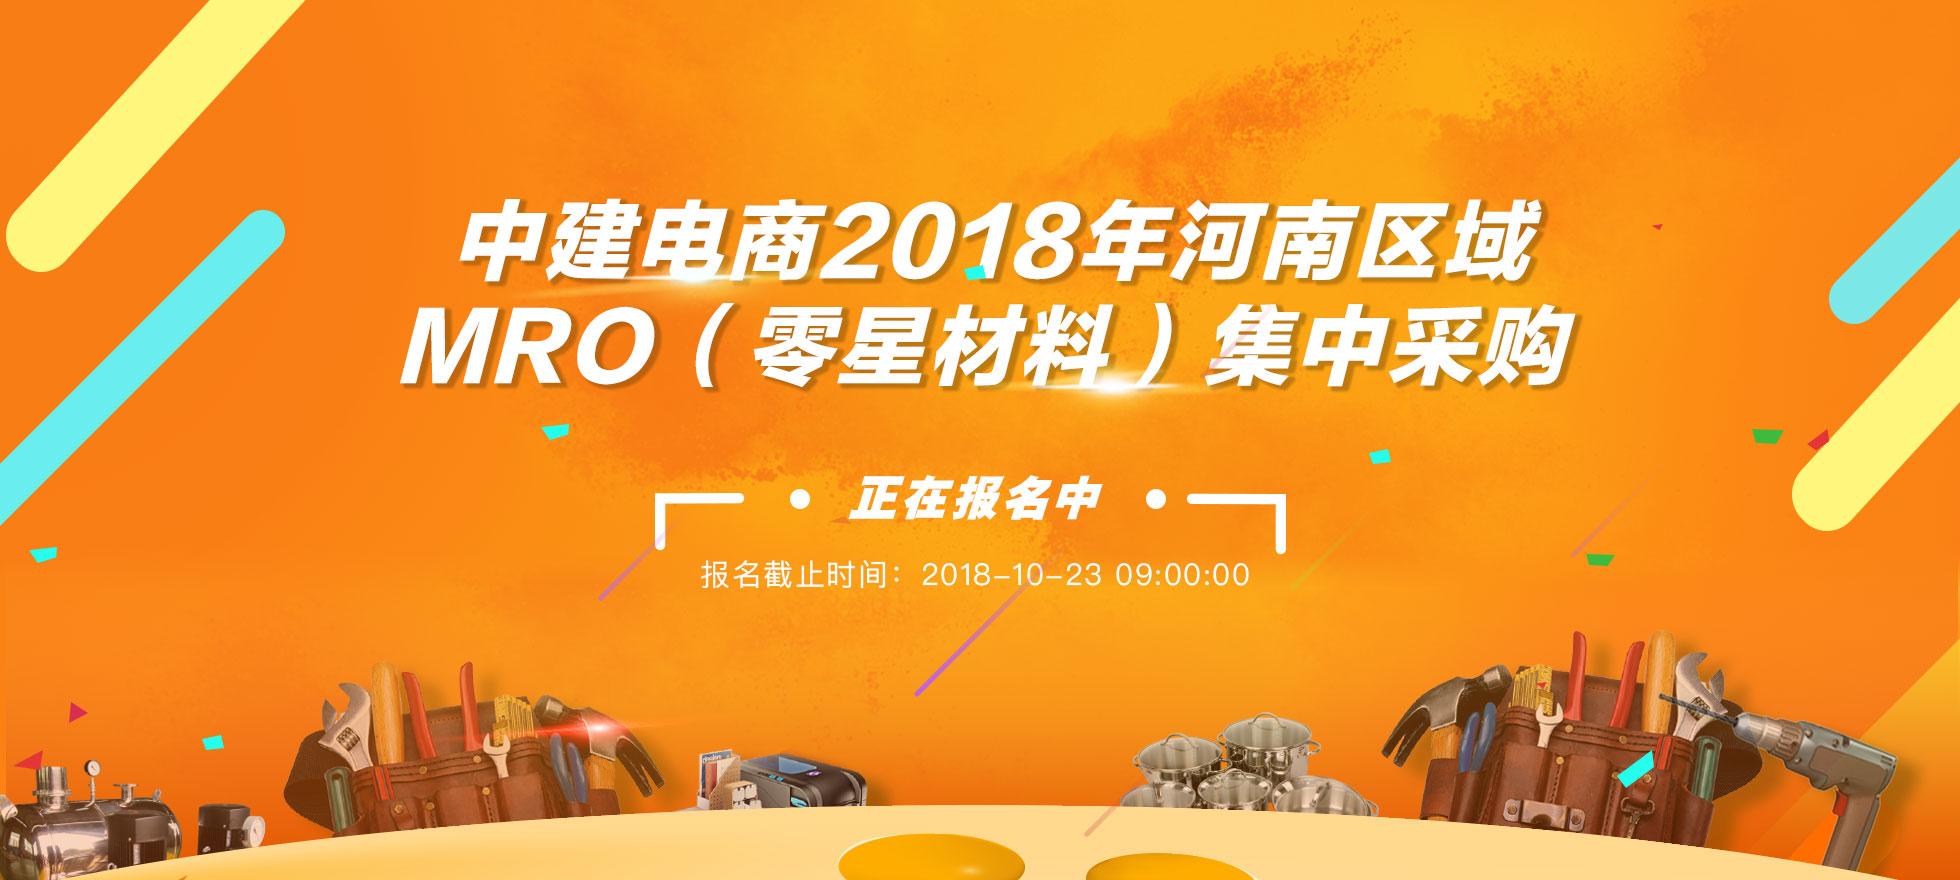 中建电商2018河南区域MRO集中采购